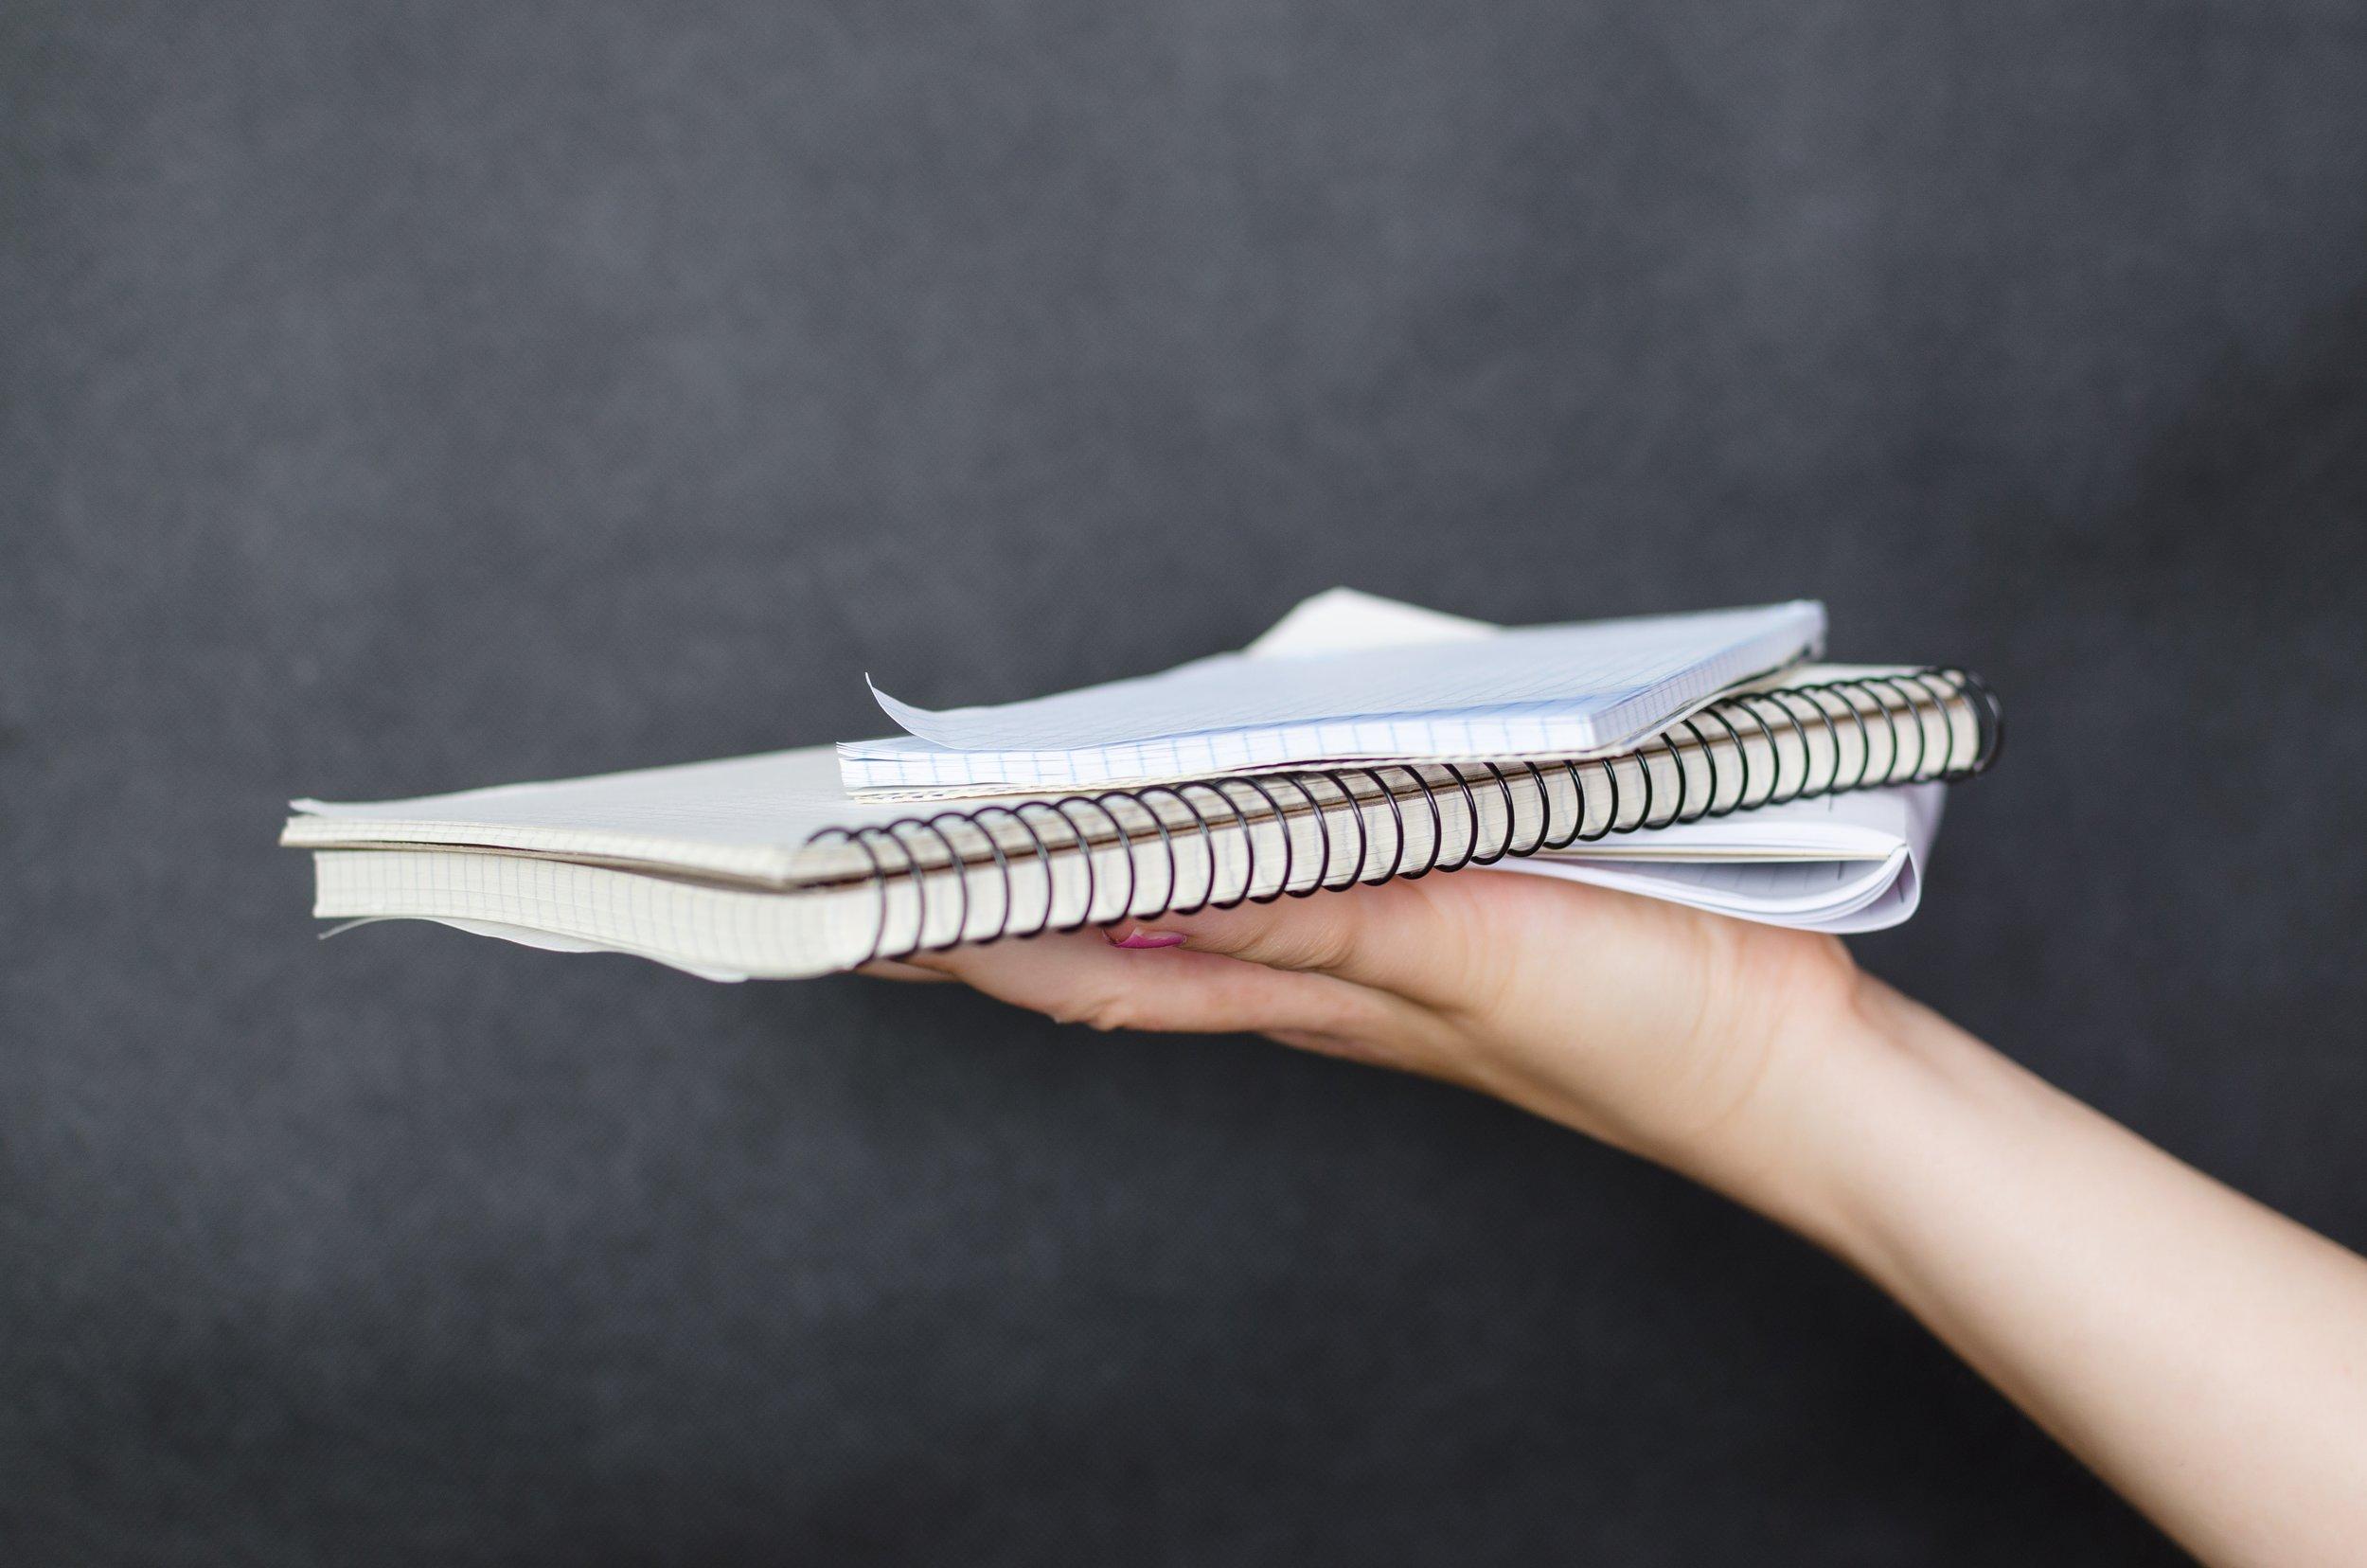 blank-book-bindings-business-627530.jpg